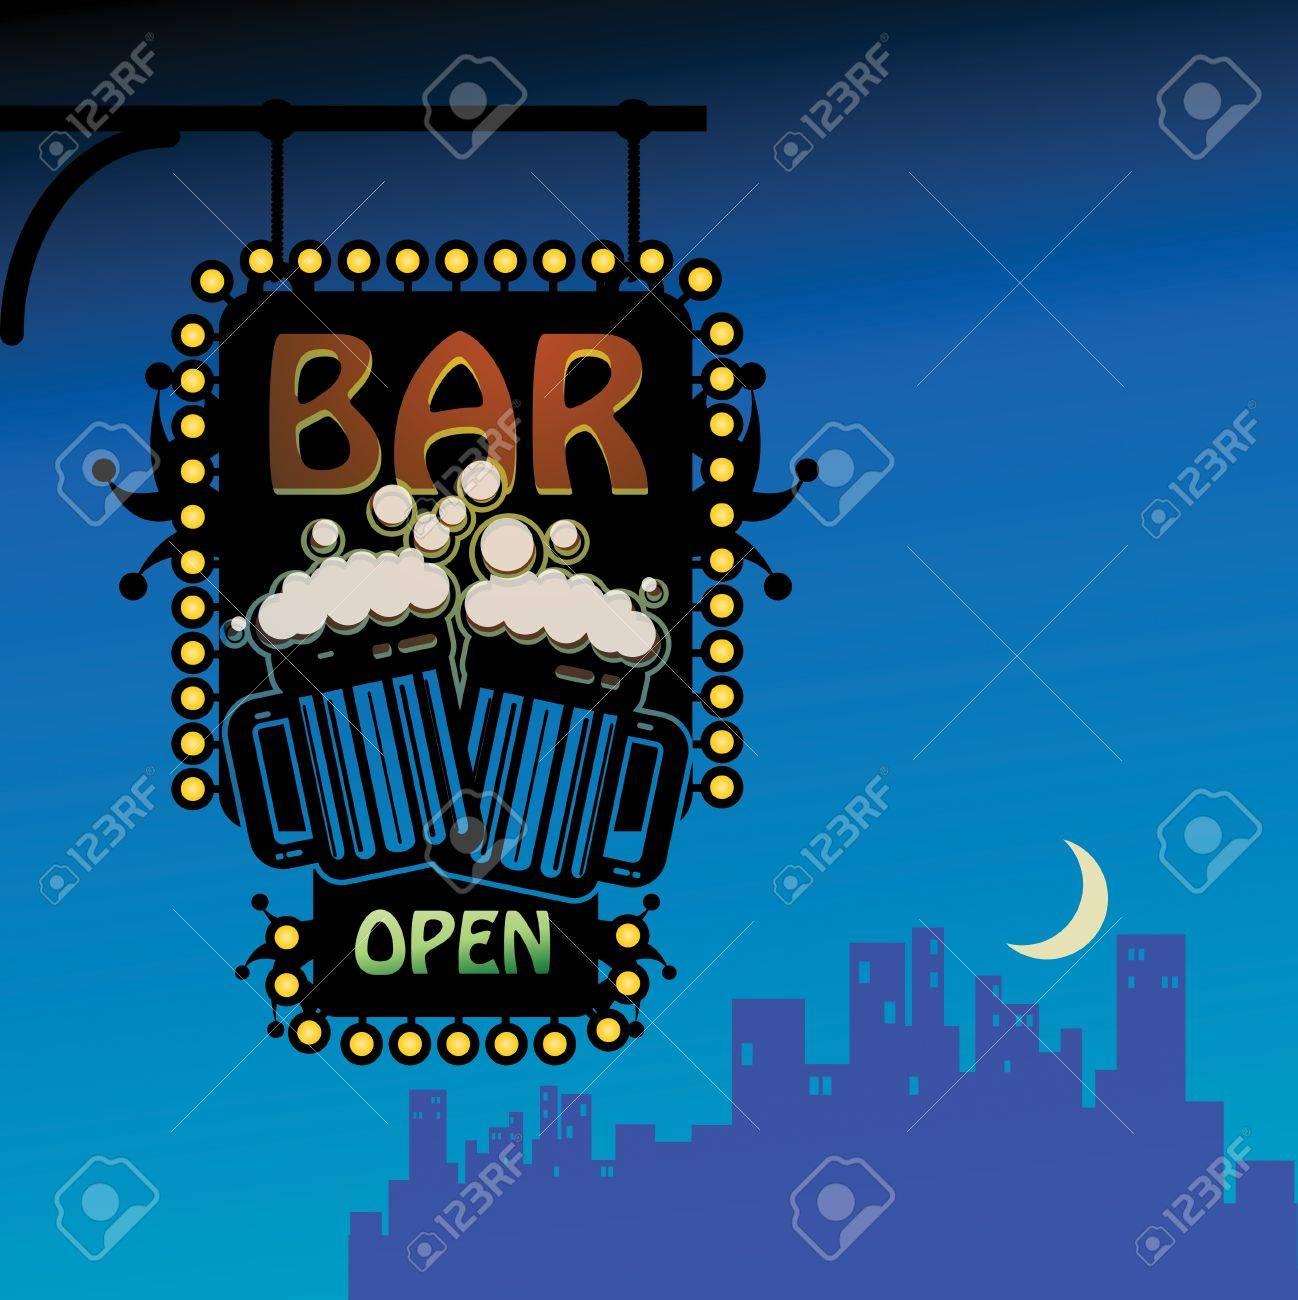 Bar open Stock Vector - 15233834